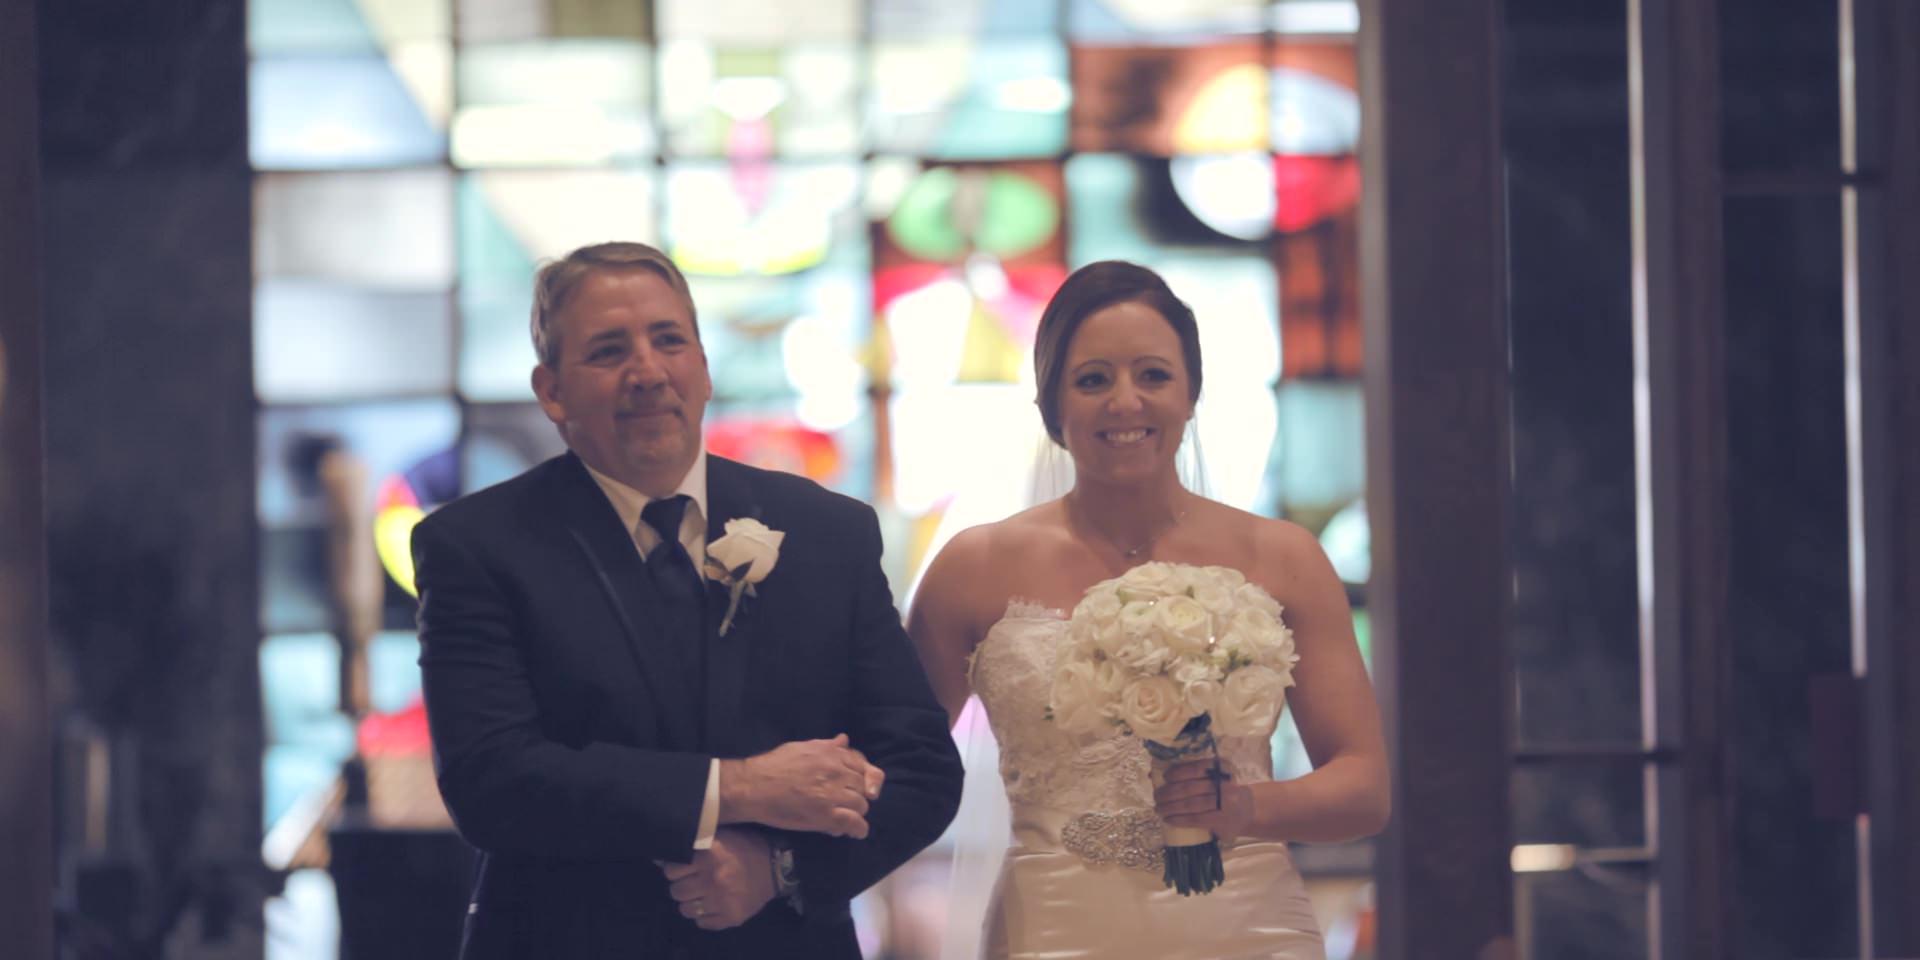 matt&anna wedding story.mp4-still00015.jpg